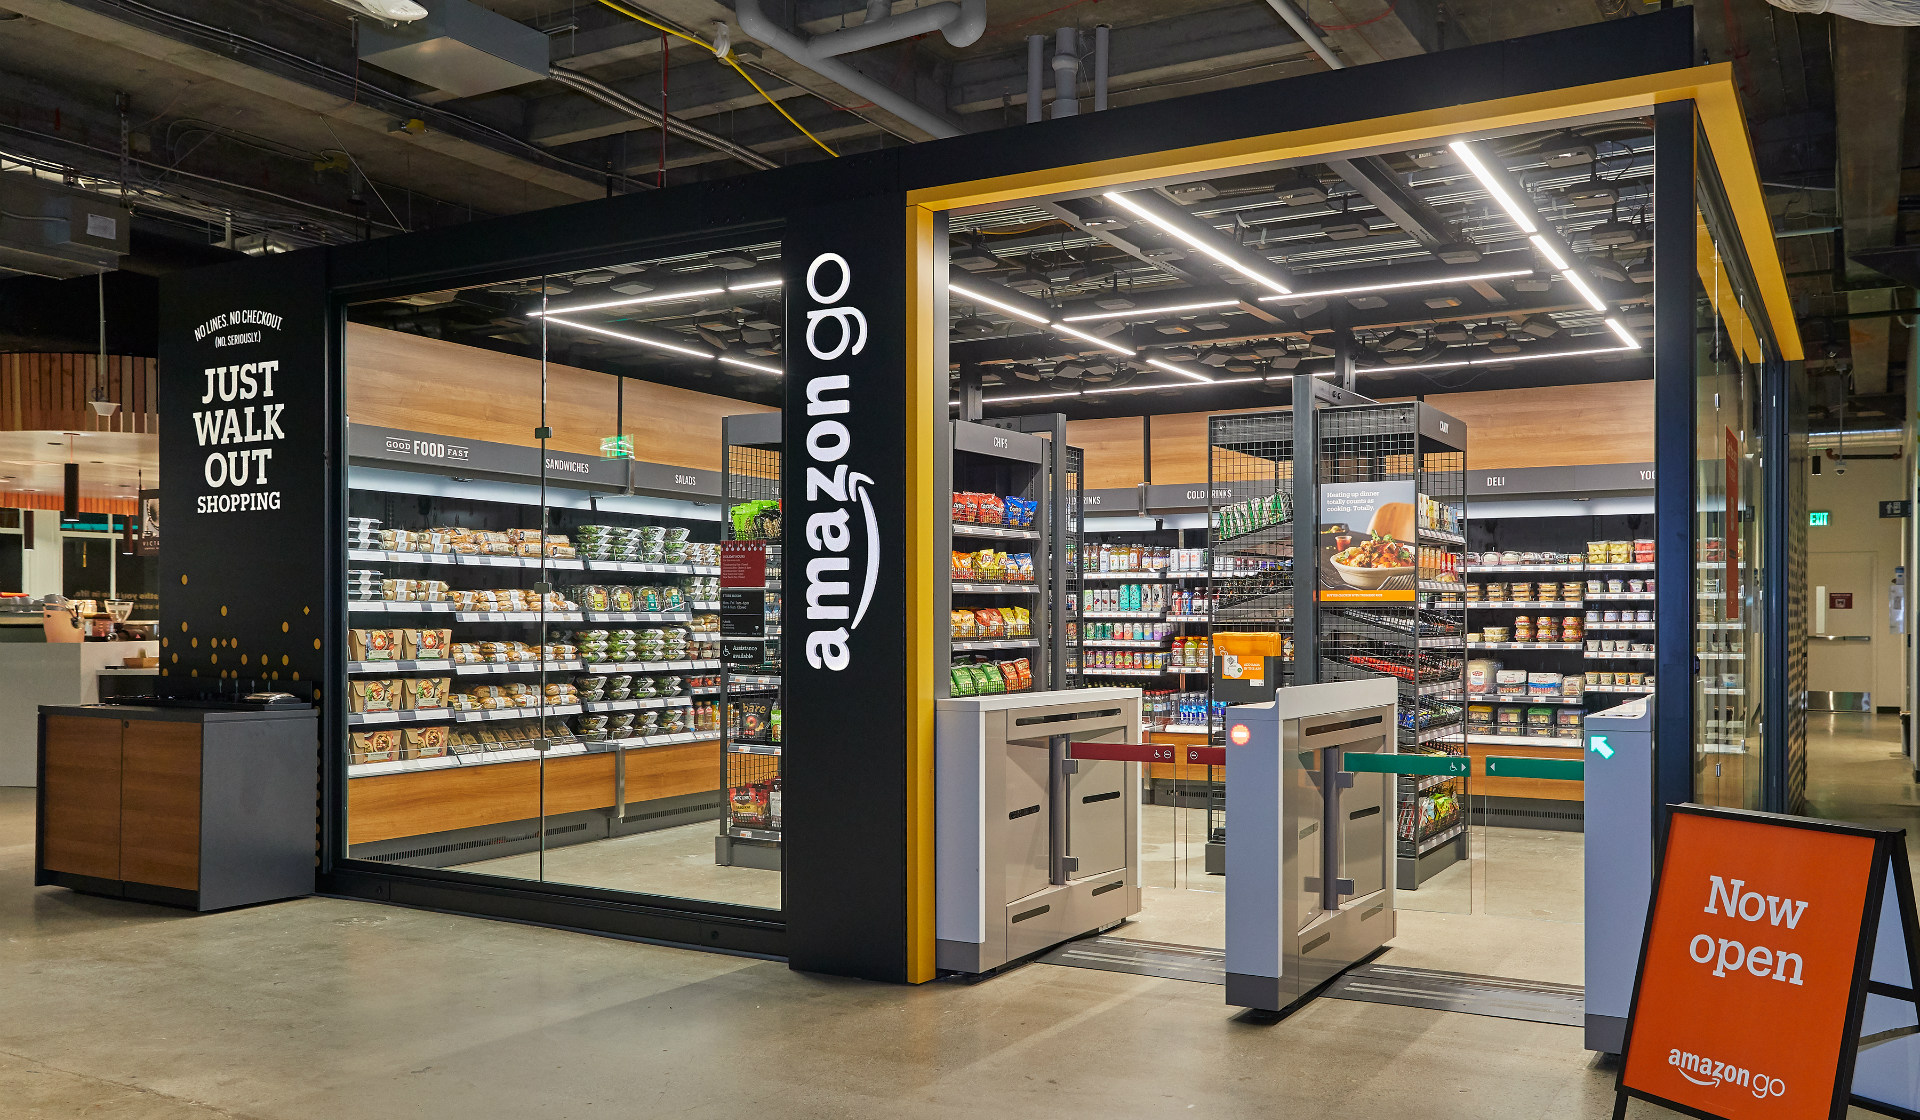 ¿Cómo el uso del reconocimiento de imagen está moldeando el futuro del retail?